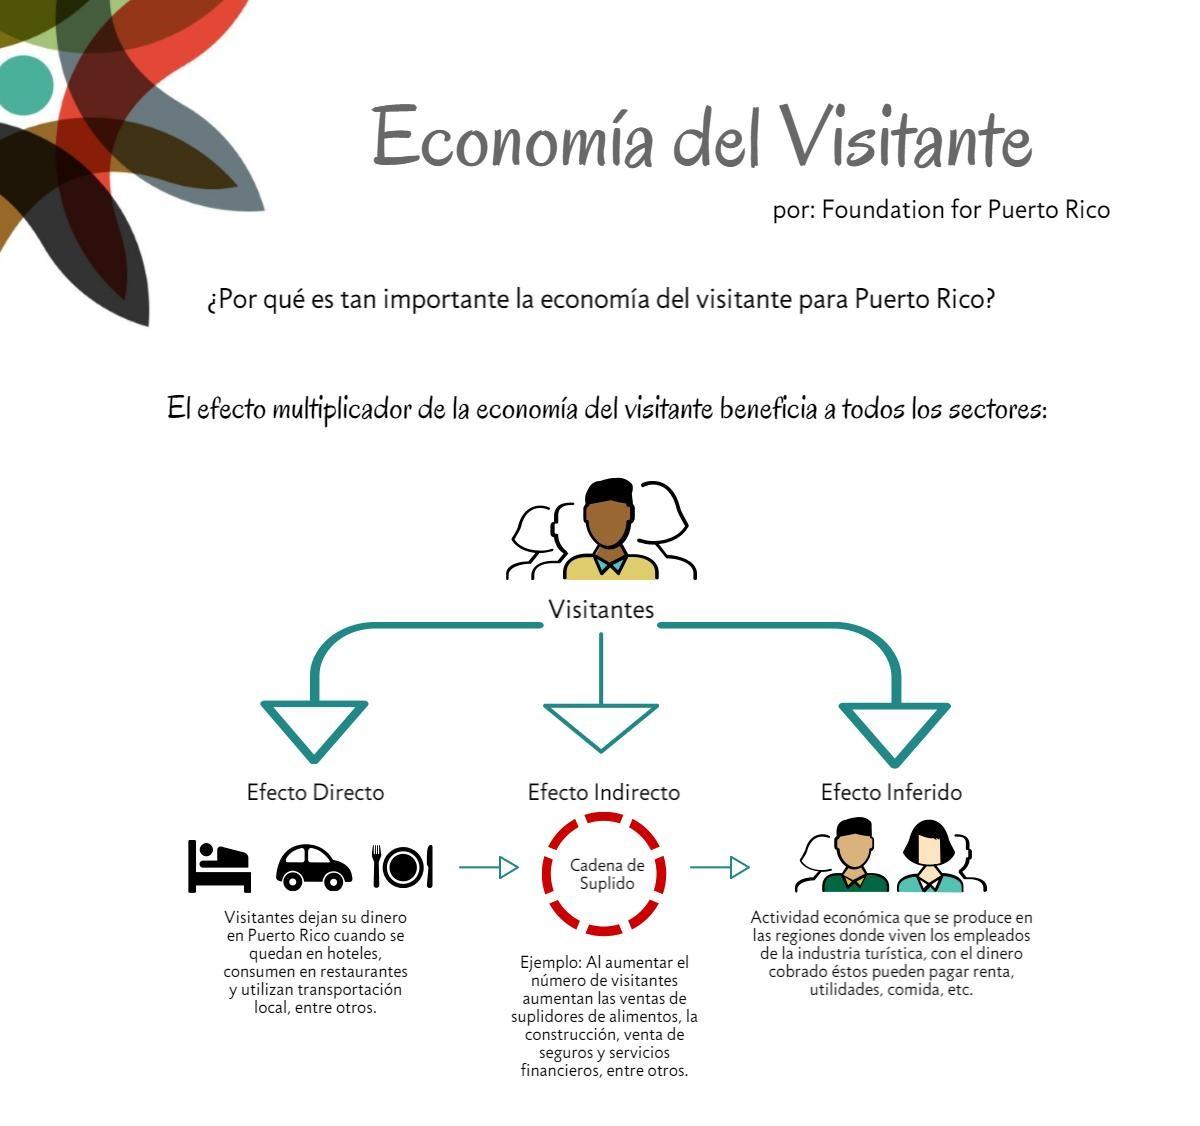 Foundation For Puerto Rico Apuesta A La Economía Del Visitante